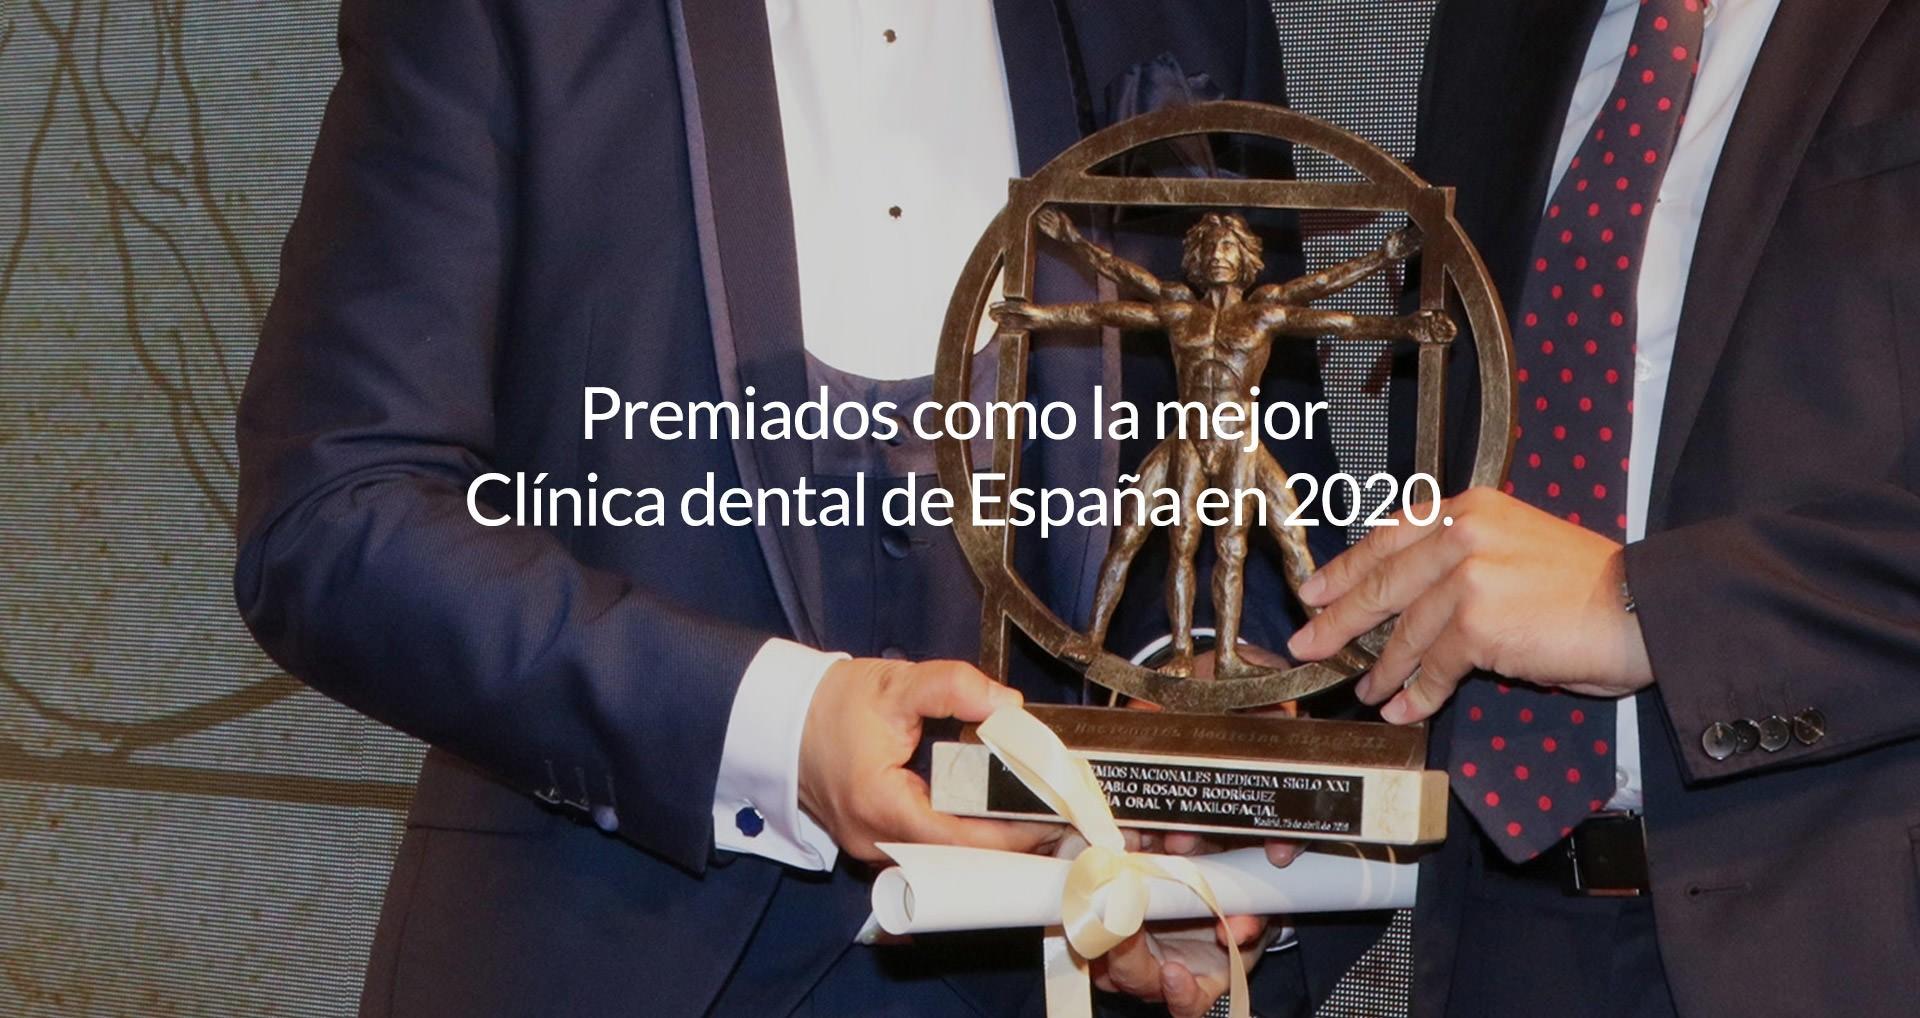 https://herreraycores.com/dentista/premiados-como-la-mejor-clinica-dental-de-espana-2020/gmx-niv48-con809.htm